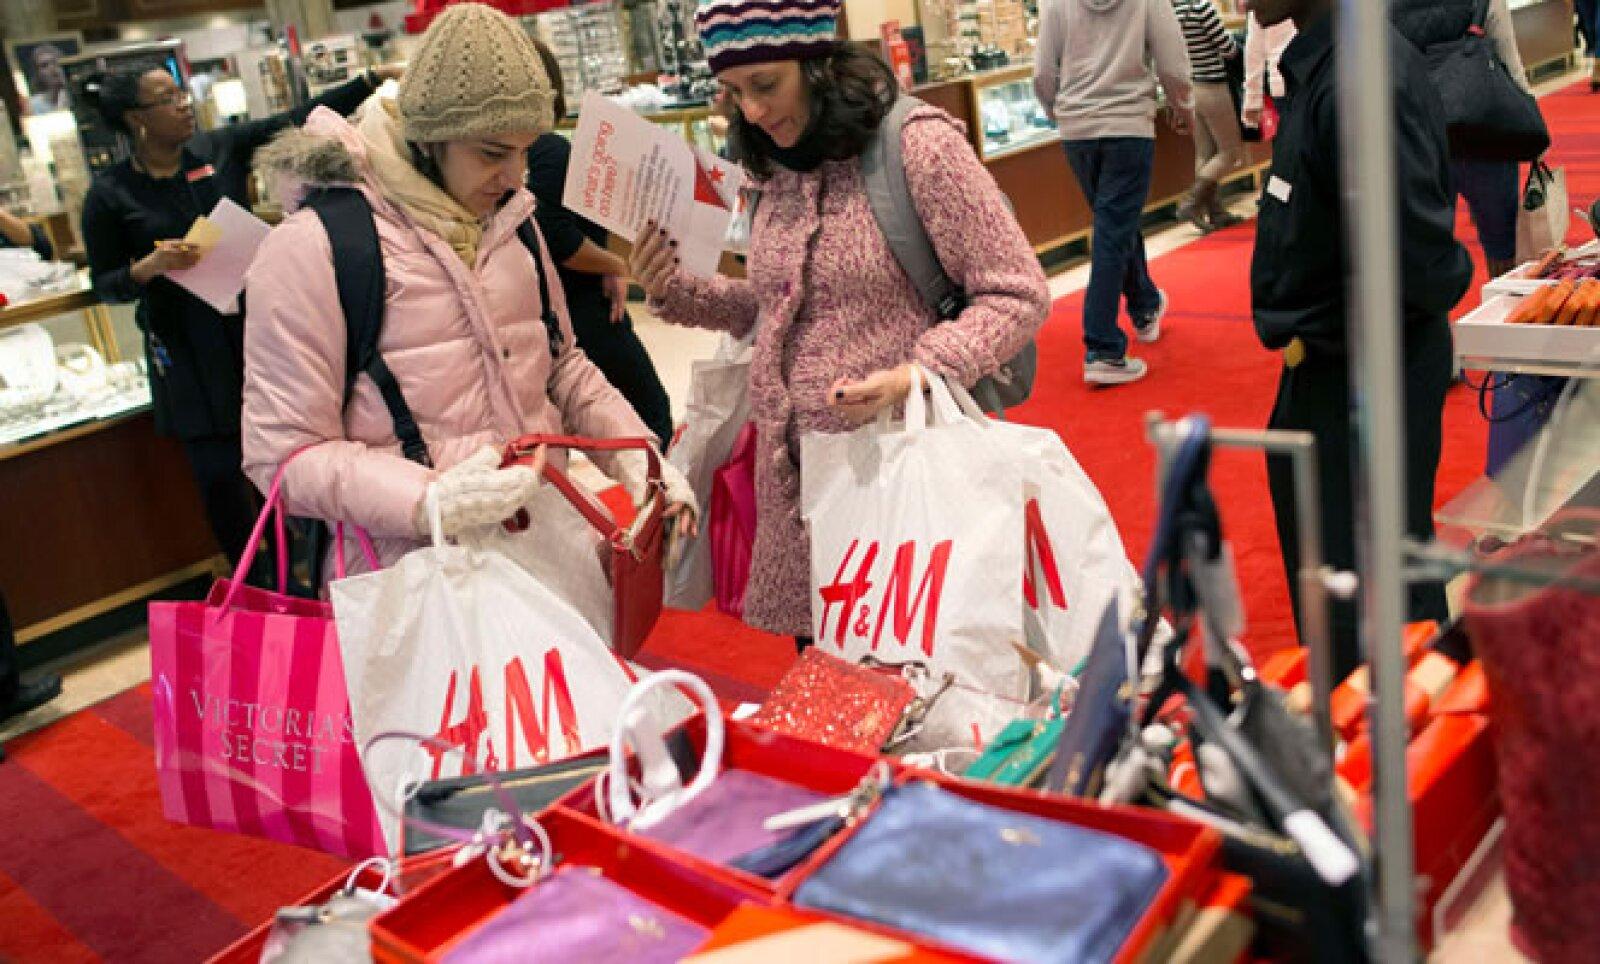 El elevado desempleo y el paquete de aumentos fiscales y recortes de gastos, conocido como el abismo fiscal, podrían hacer dudar a los estadounidenses para adquirir nuevos bienes duraderos.